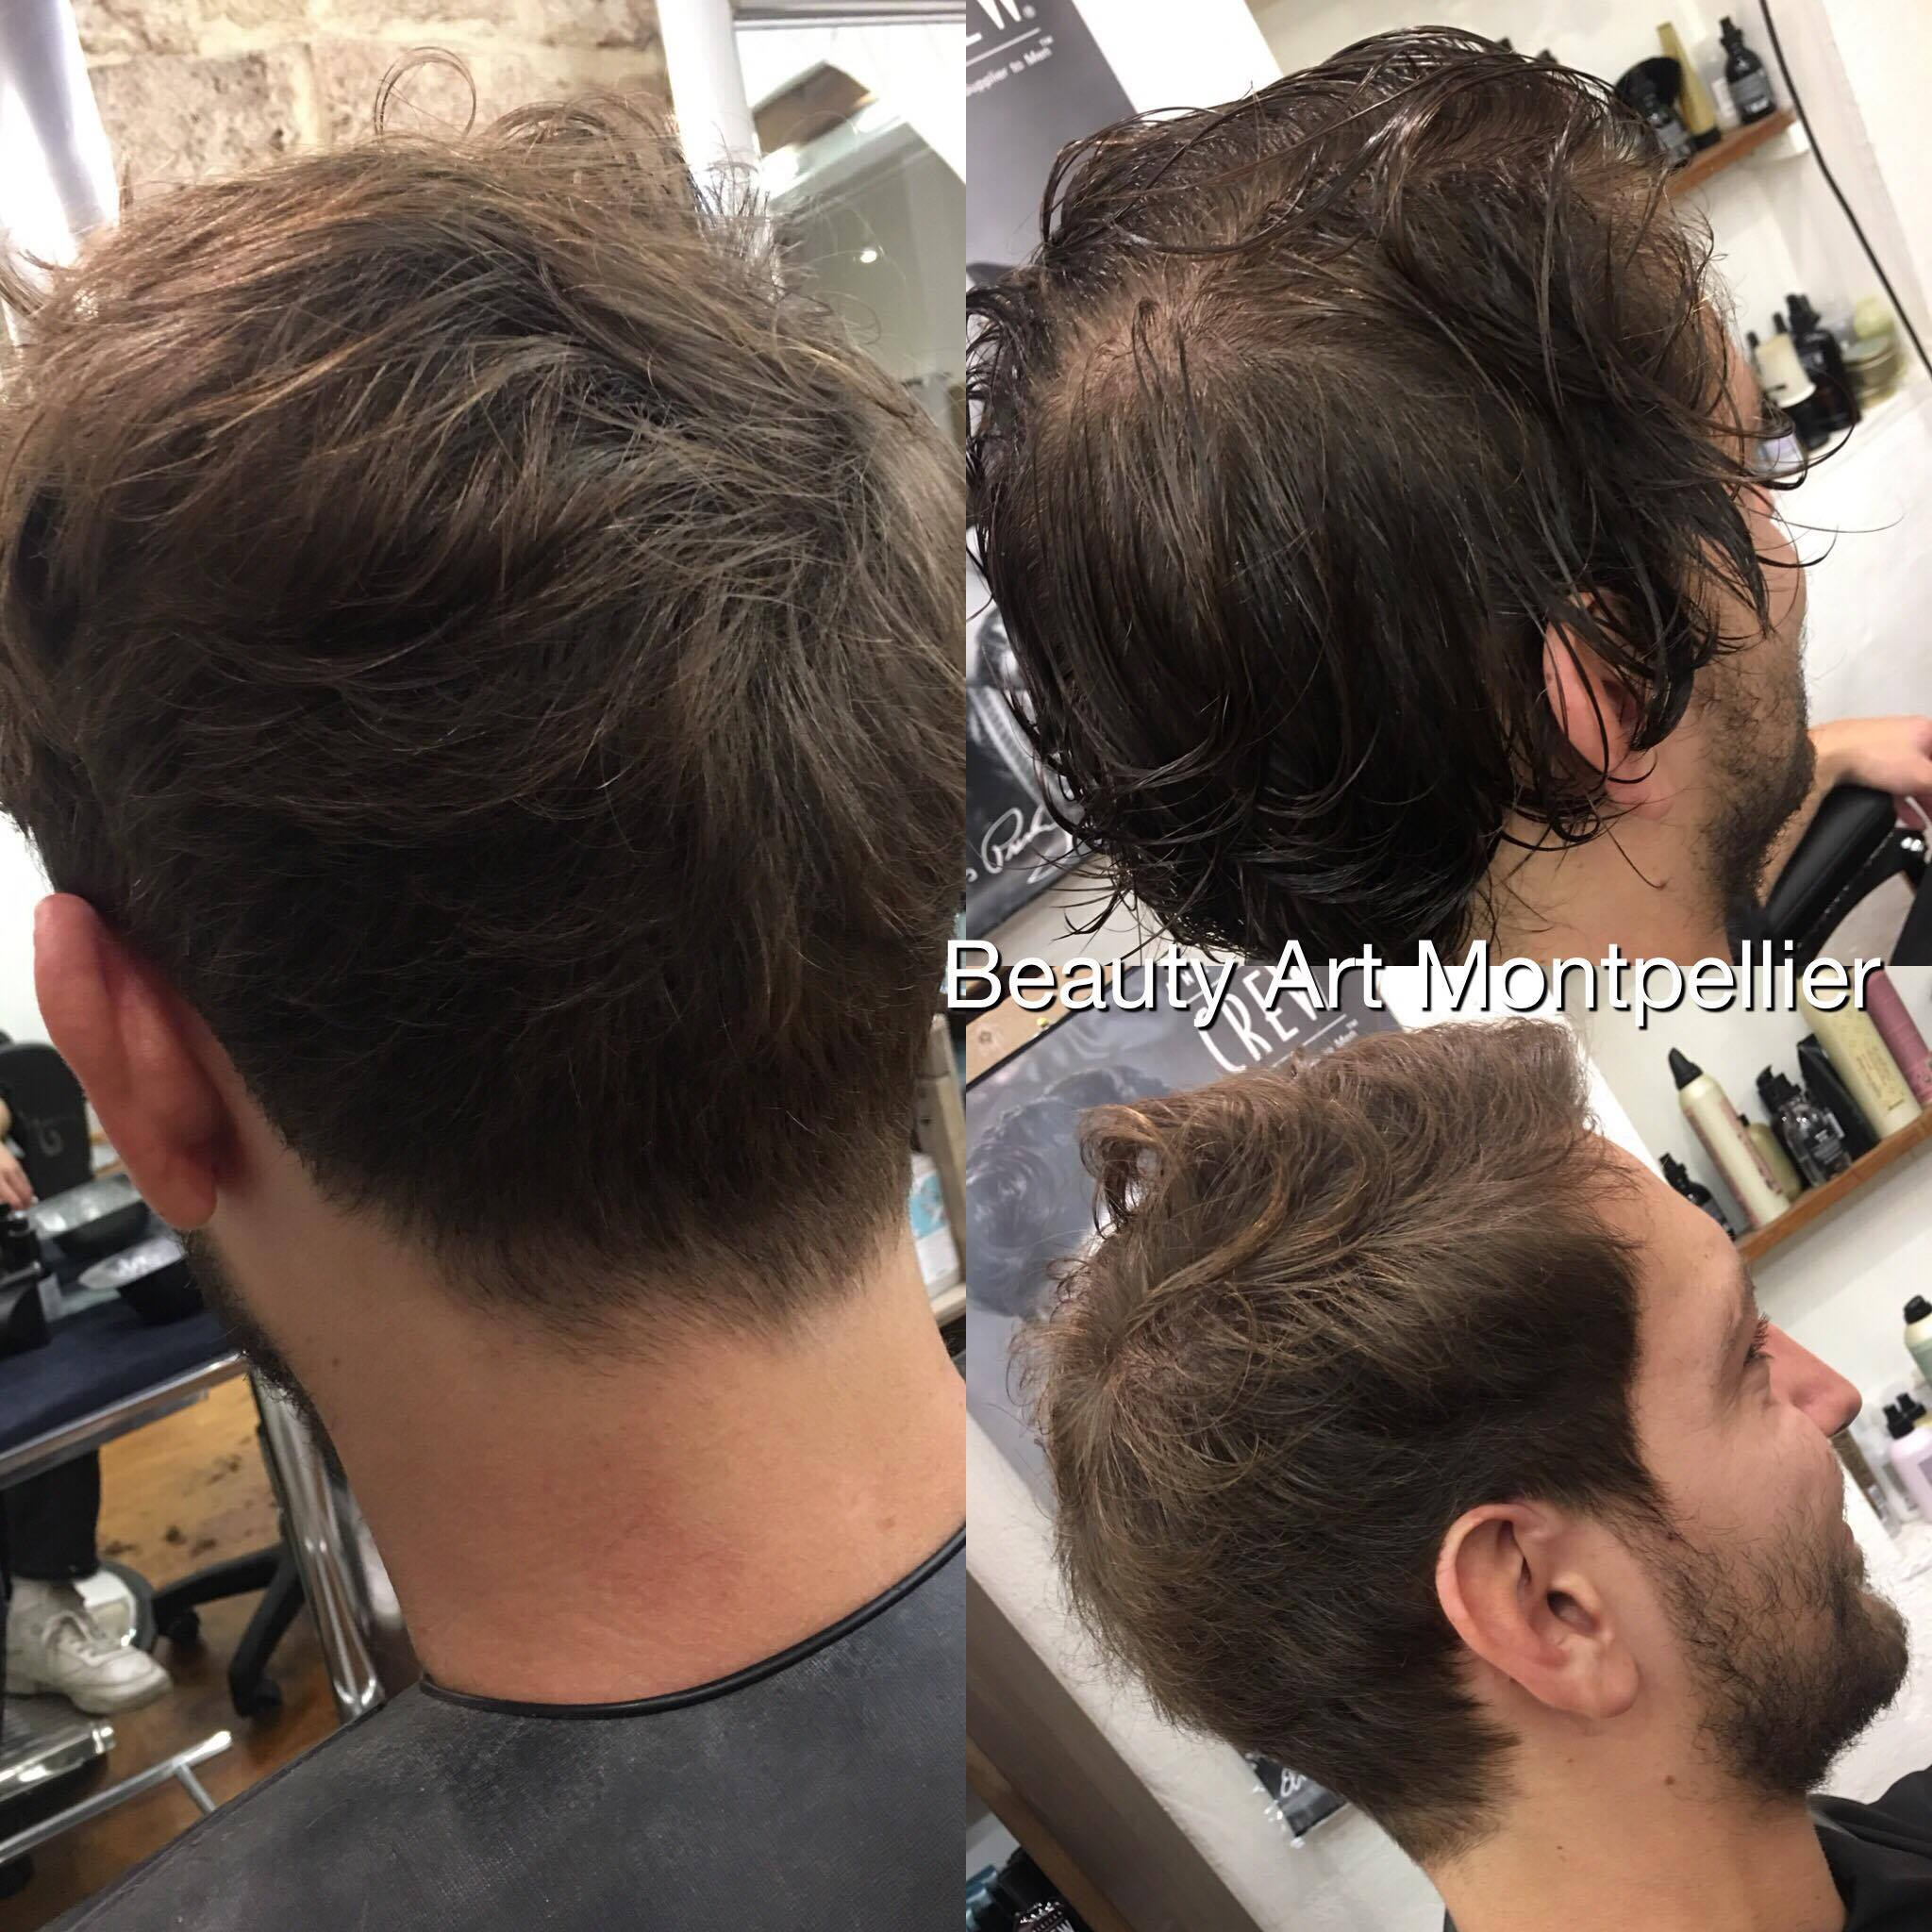 Salon de coiffure montpellier galerie homme barbier - Salon de coiffure africain montpellier ...